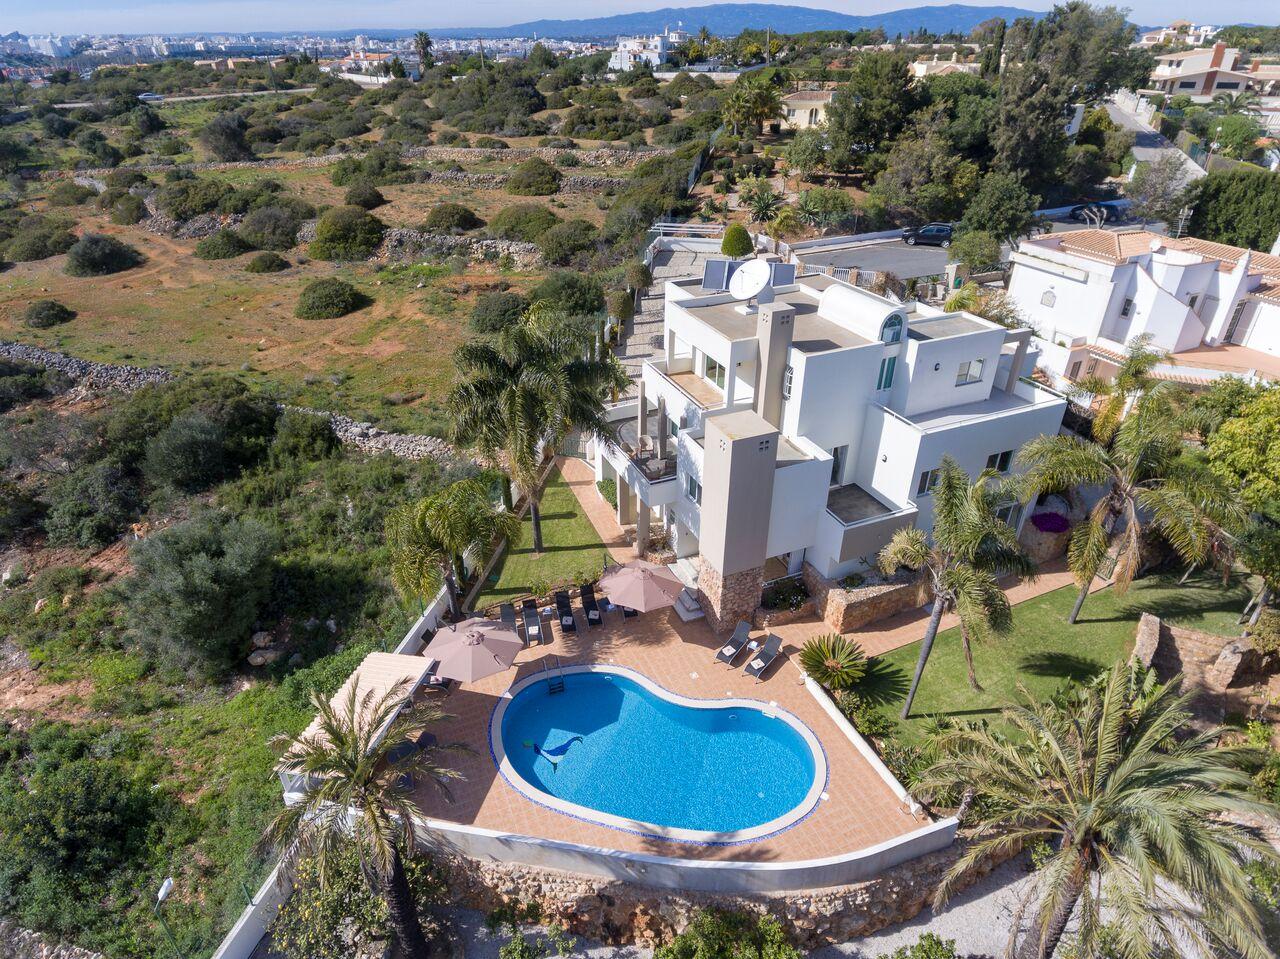 5 bedroom villa western Algarve-drone-Enneking Premium Rentals Algarve Portugal